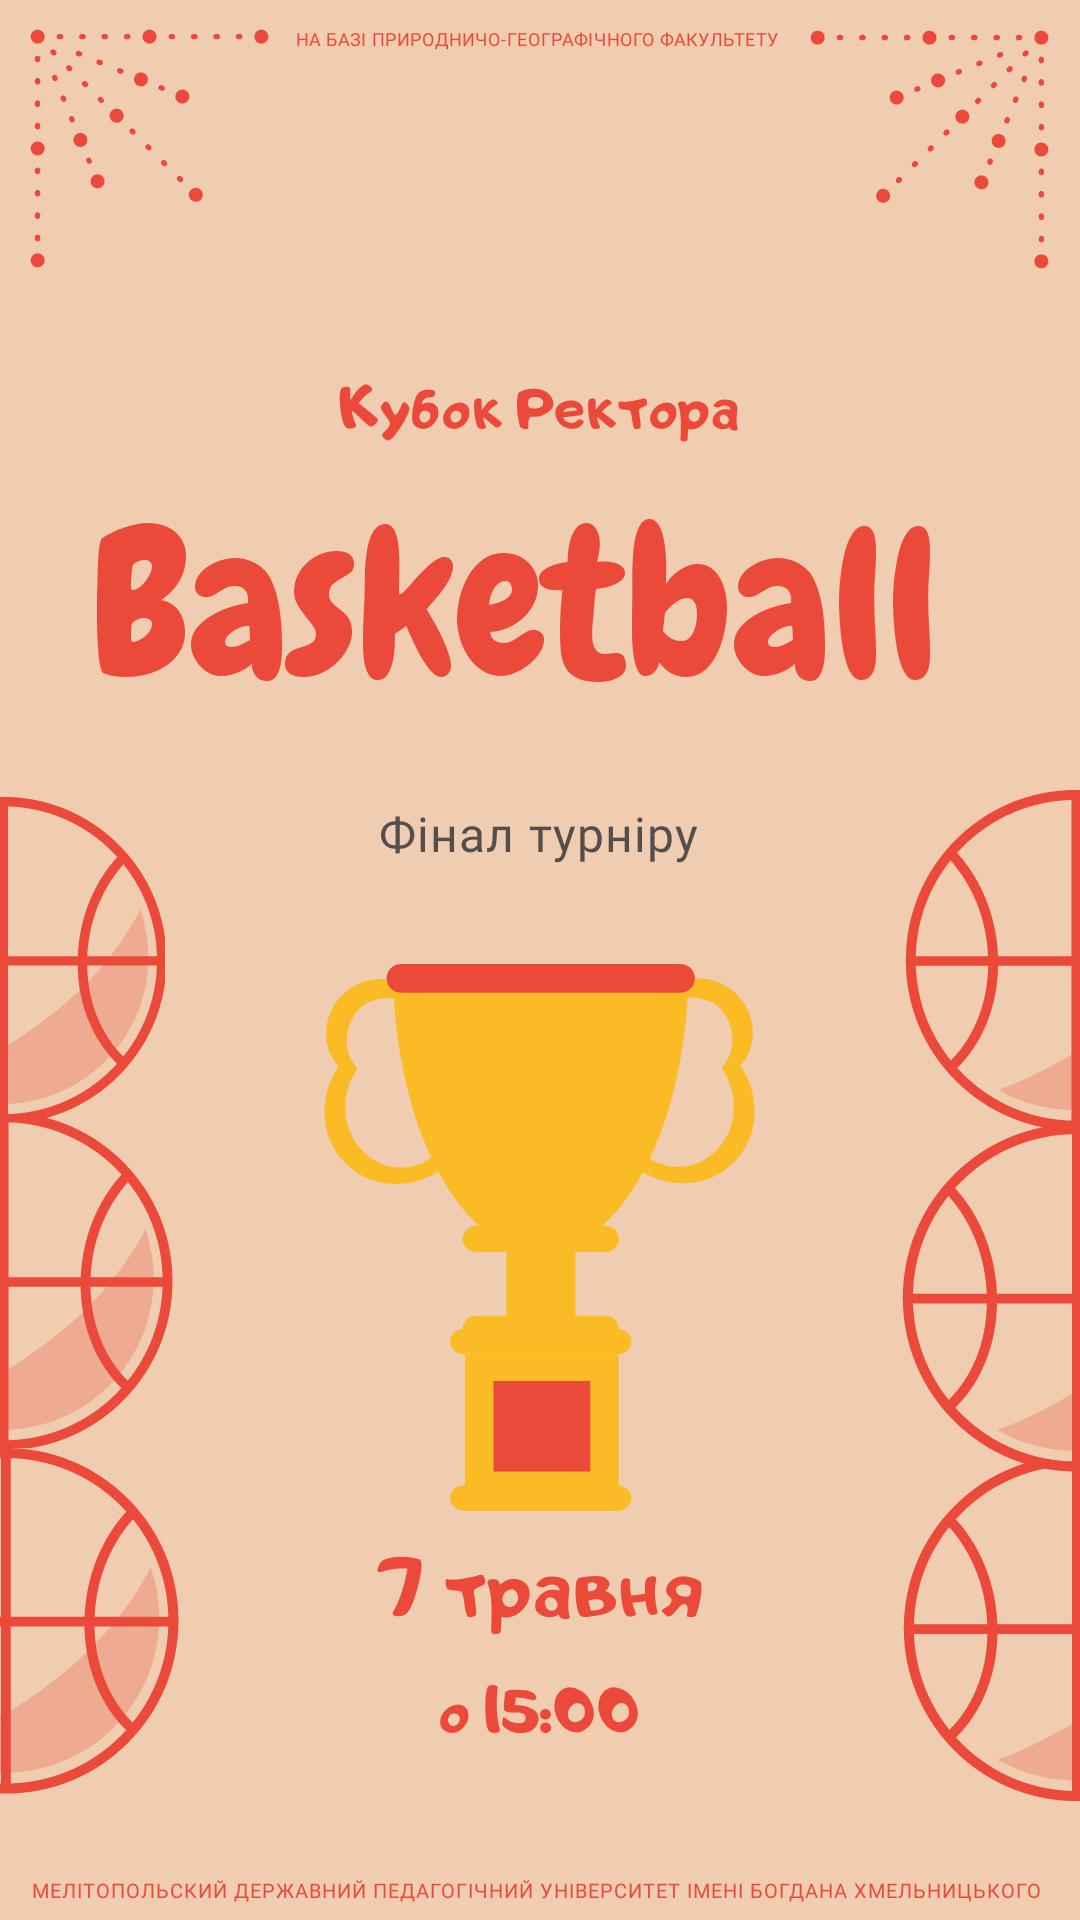 Запрошуємо на фінал турніру з баскетболу, на кубок ректора!